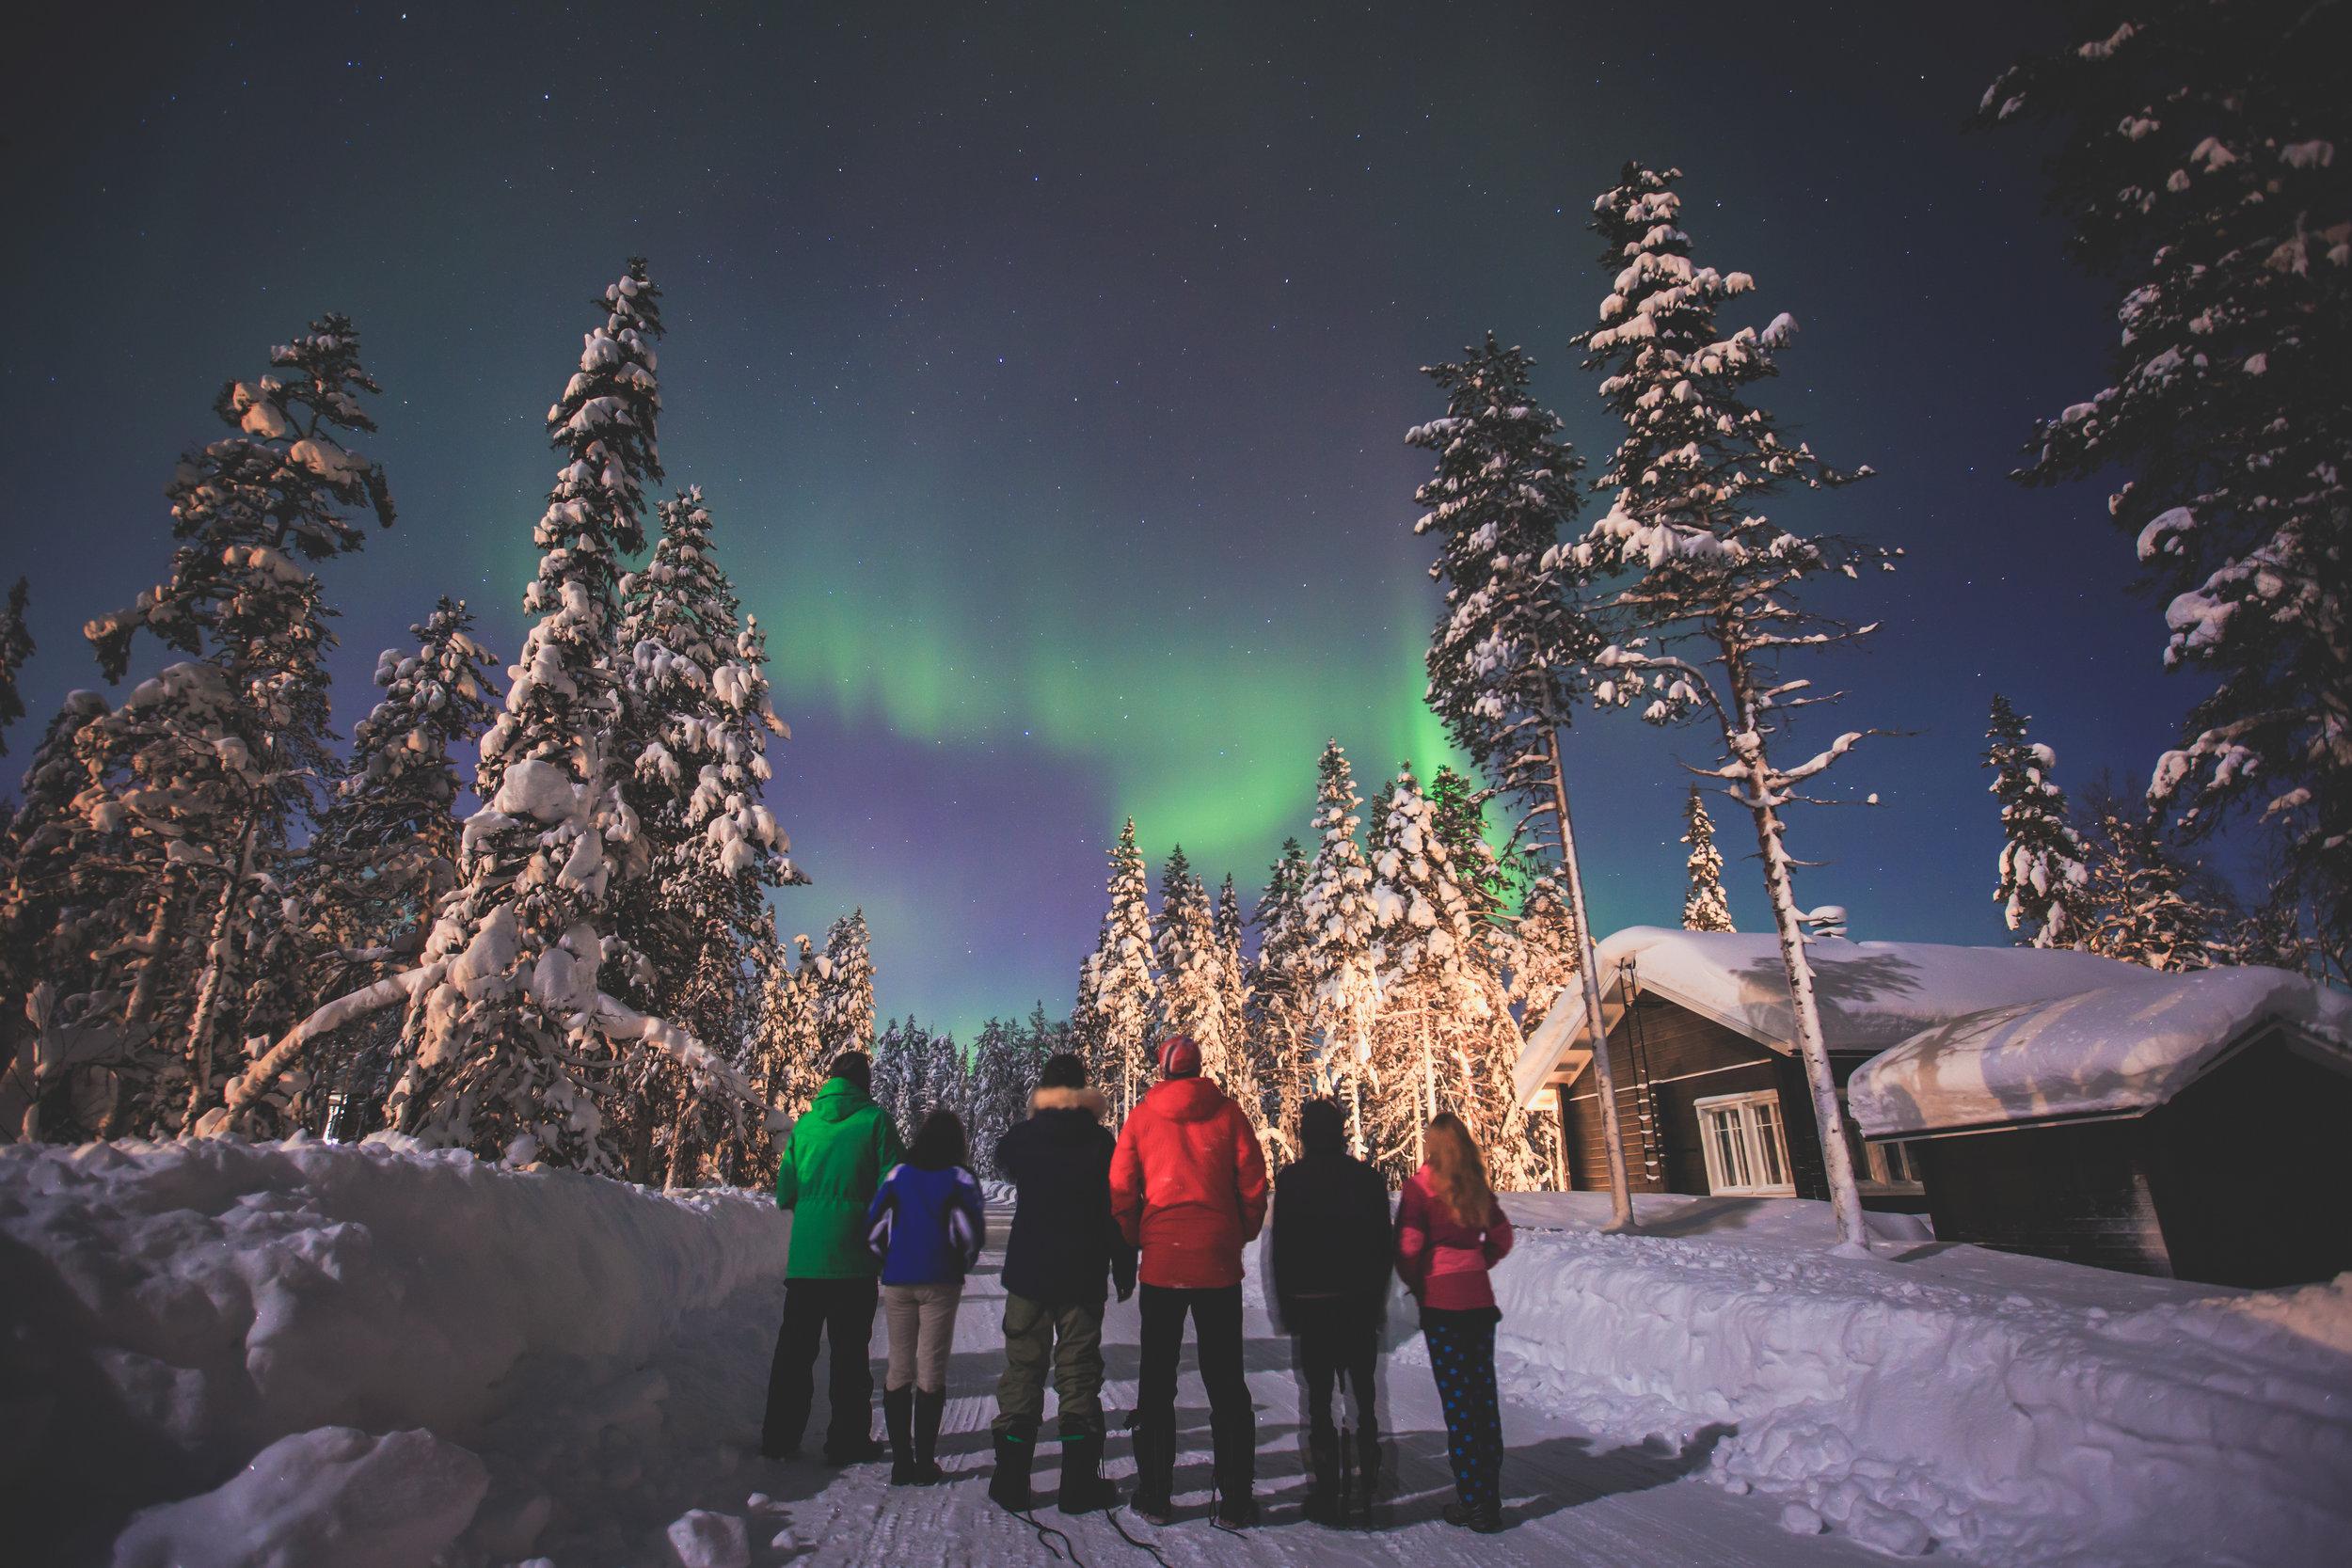 NorthernLights_Lapland_2.jpeg